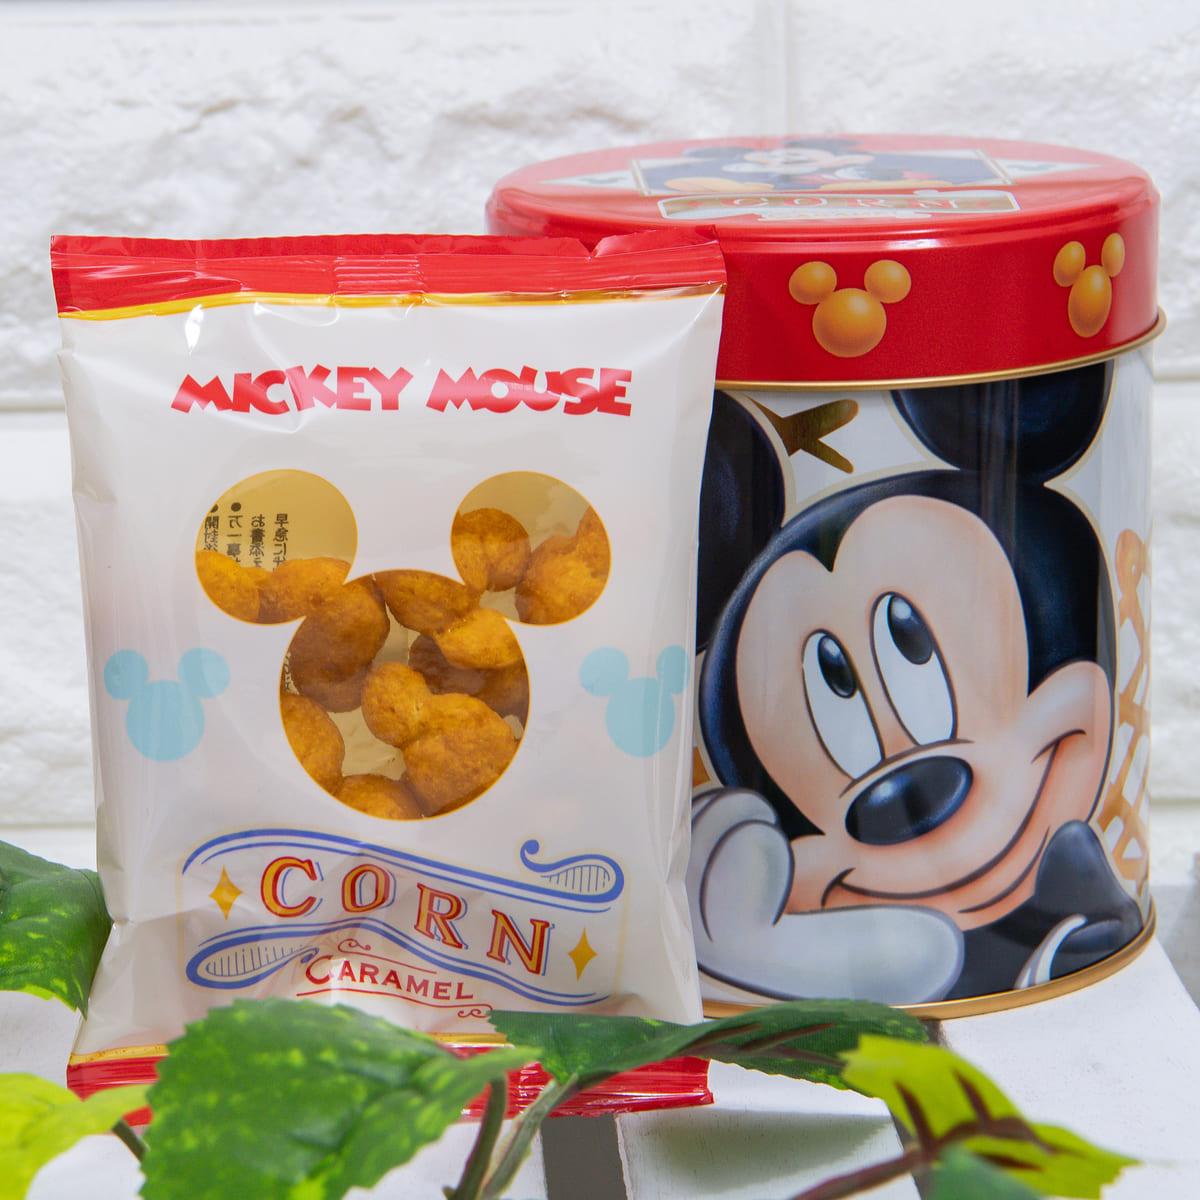 ミッキーマウス/コーン キャラメル味 数量限定スペシャル缶 中身